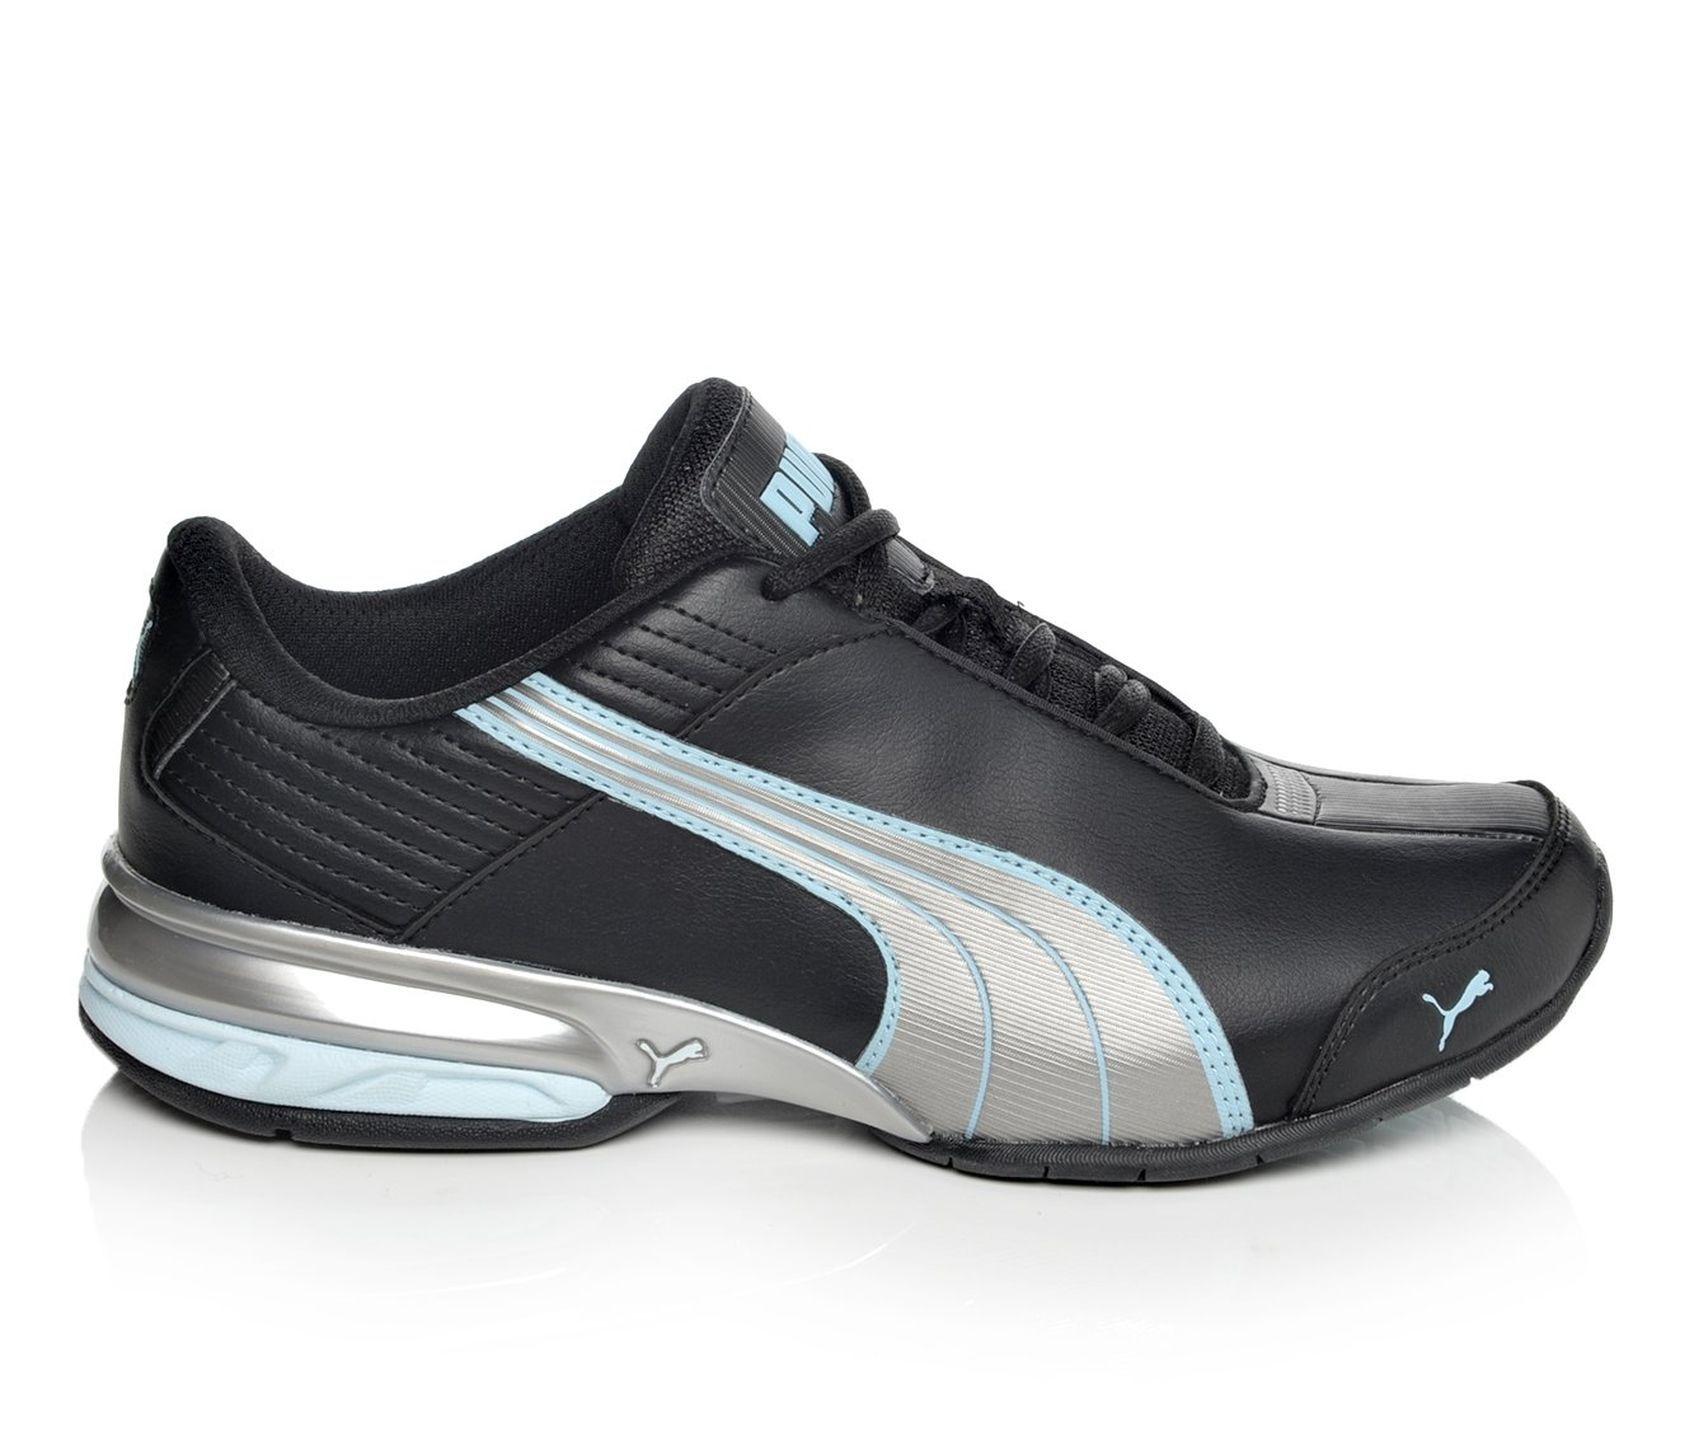 9c783c5caeb ... Women s Puma Super Elevate Sneakers Shoe Carnival